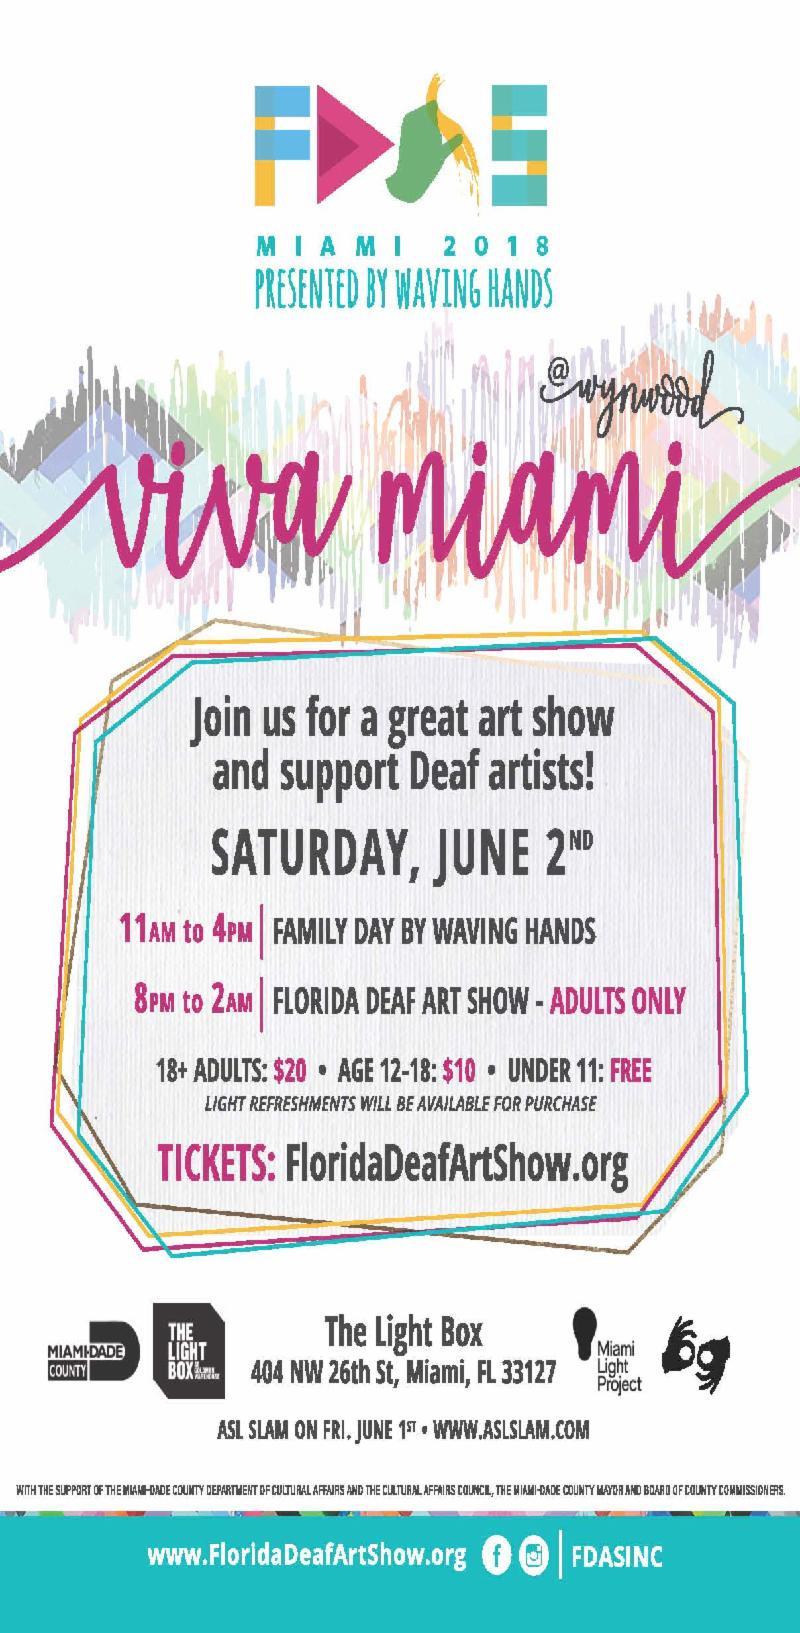 Flyer for the Florida deaf art show on june 2nd